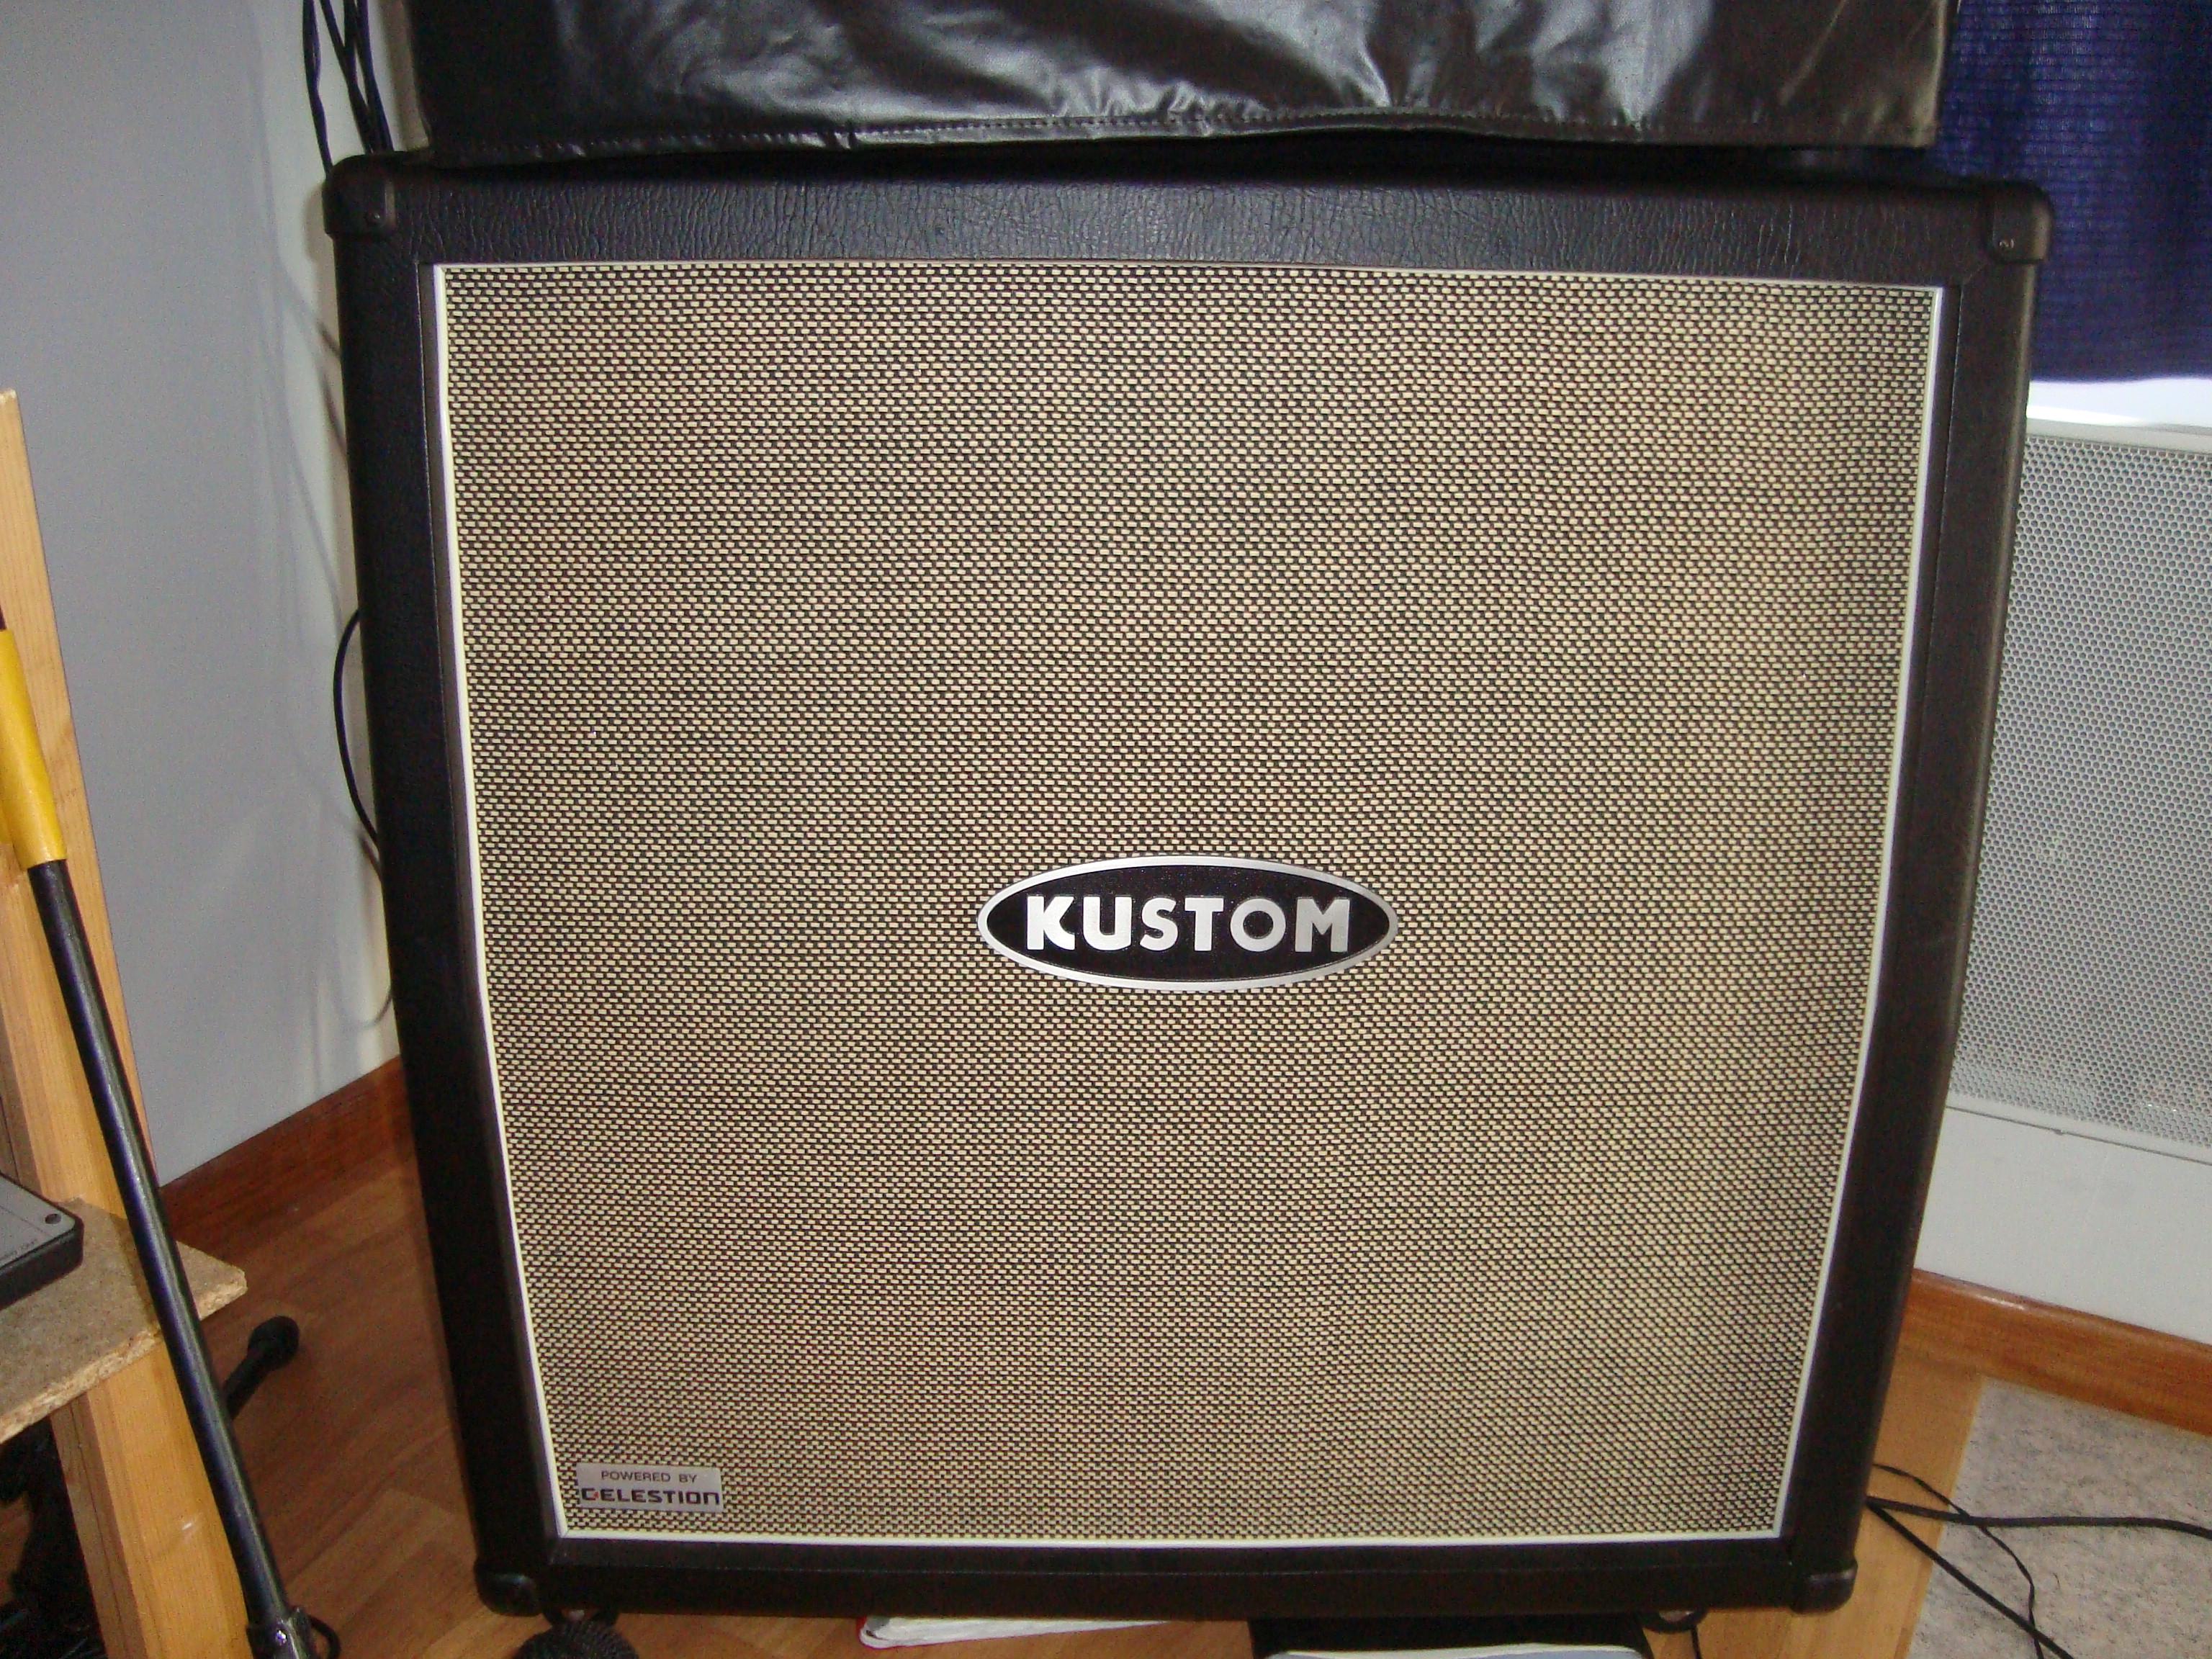 Kustom Quad ST 412A image (#501508) - Audiofanzine